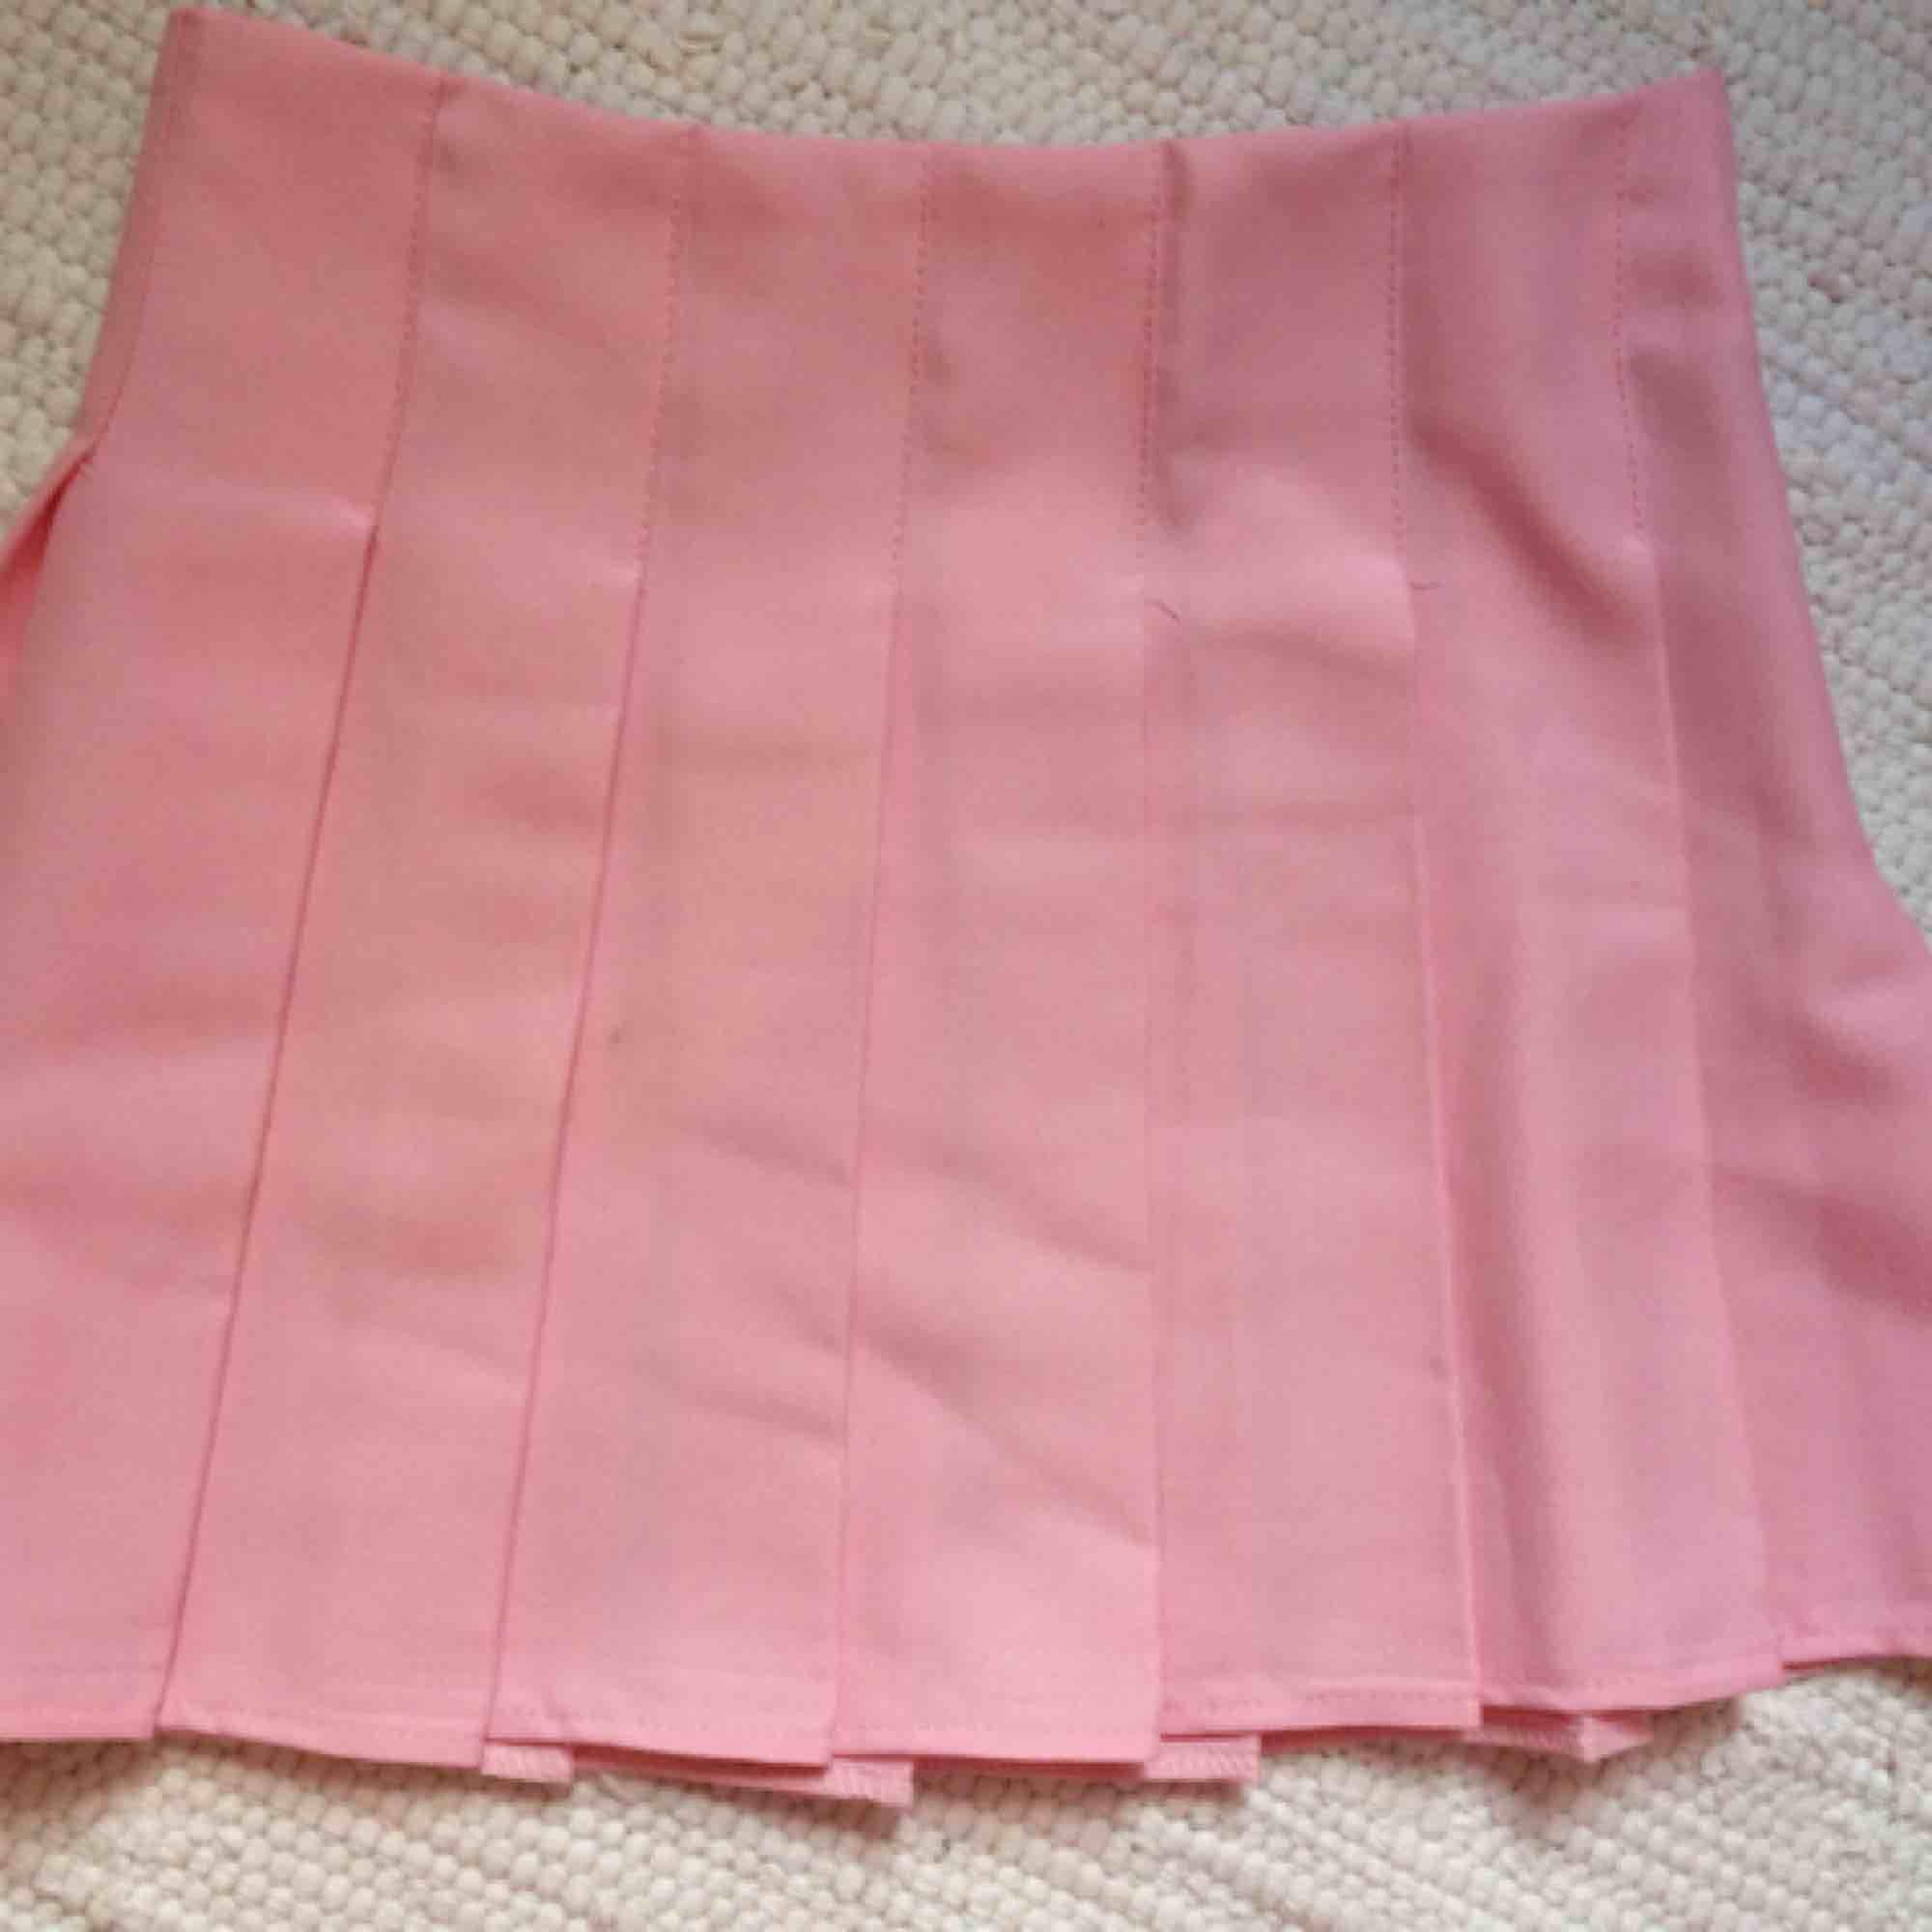 Rosa veckad kjol, aldrig använd eftersom den var för stor. Storlek S. Frakt ingår. Kjolar.